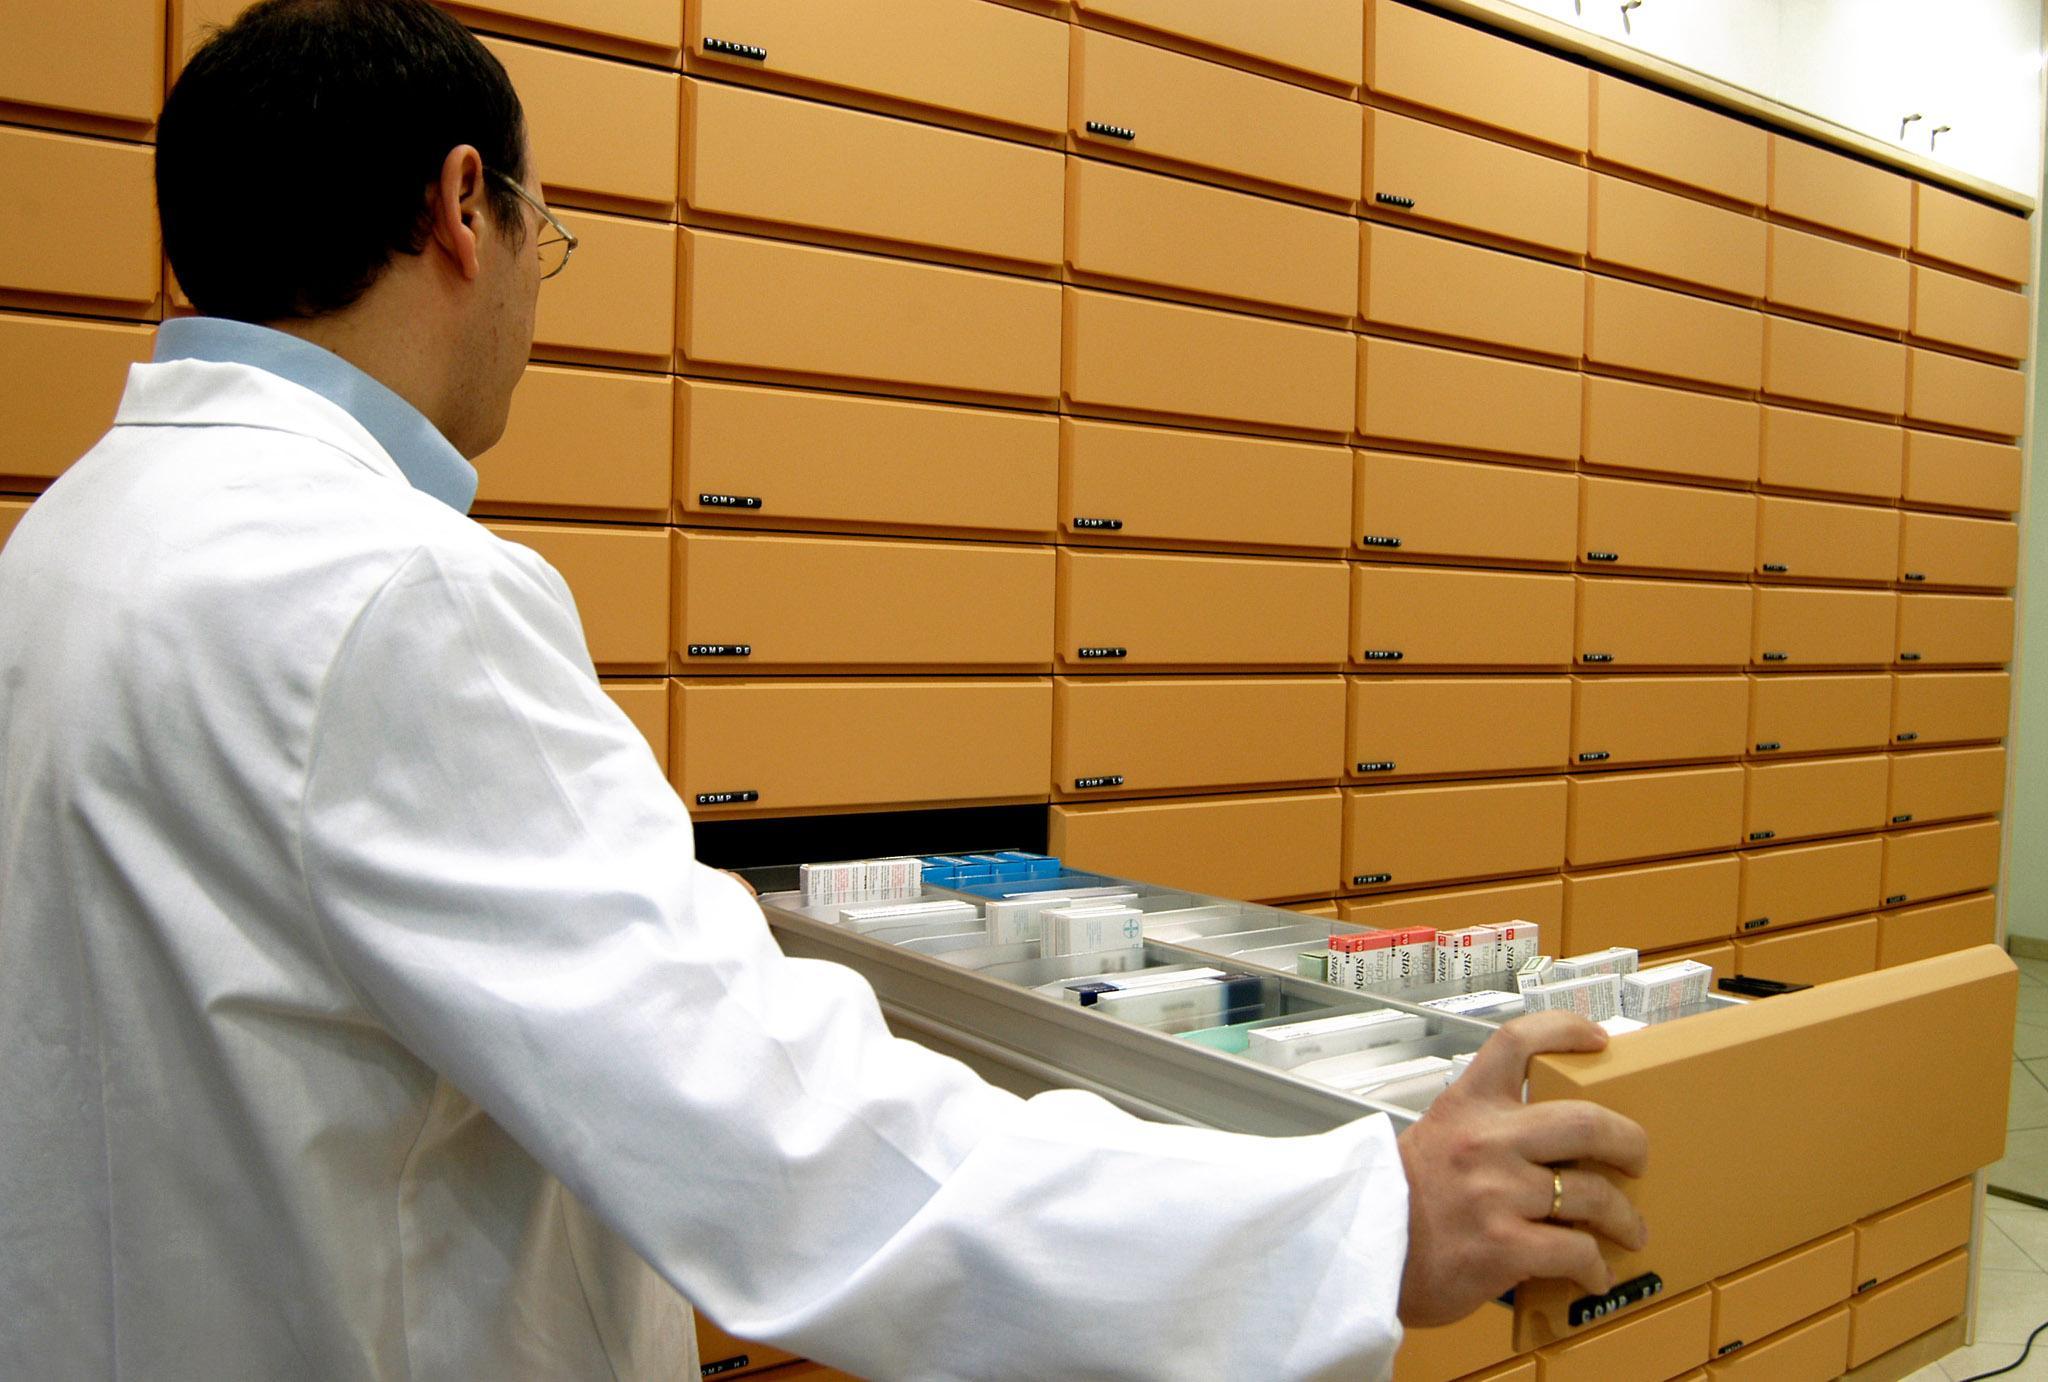 Roma 2004-11-27  influenza, vaccino farmacie medicine farmaci medicinali farmacista (EIDON) - 53297: (Donatella Giagnori/EIDON) 2004-11-27 Roma -  - influenza, vaccino -